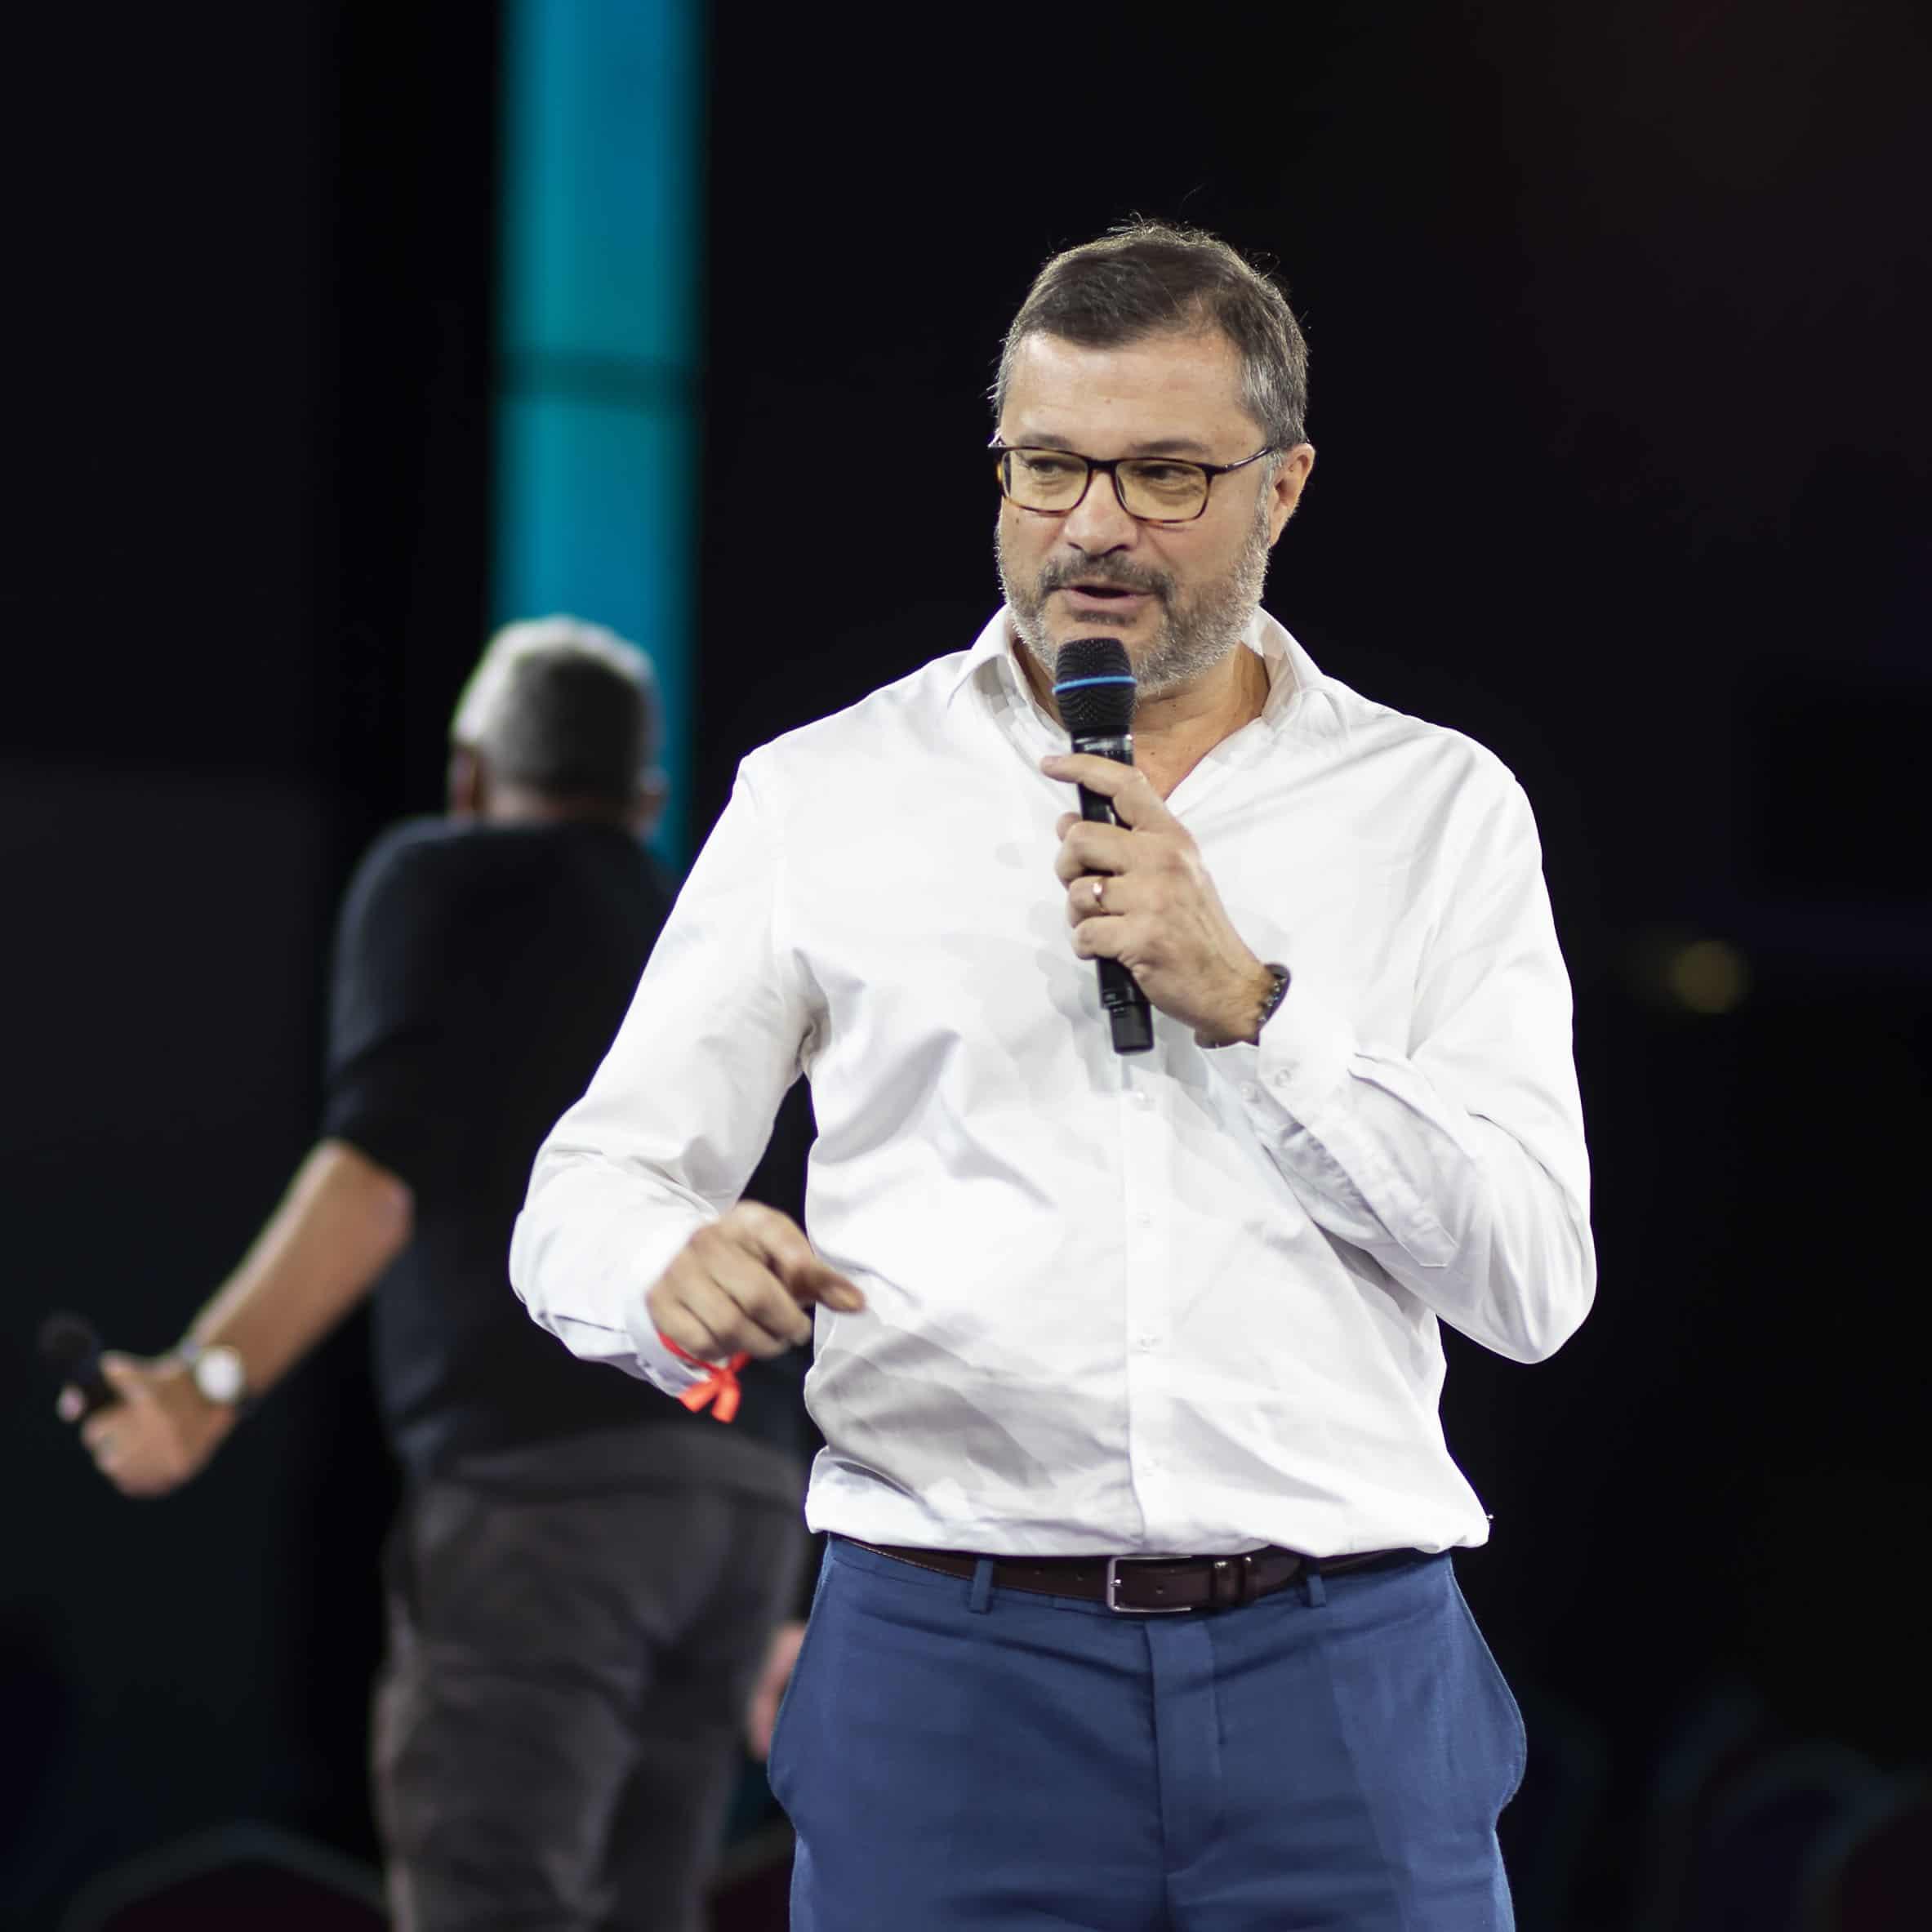 Bruno Clément